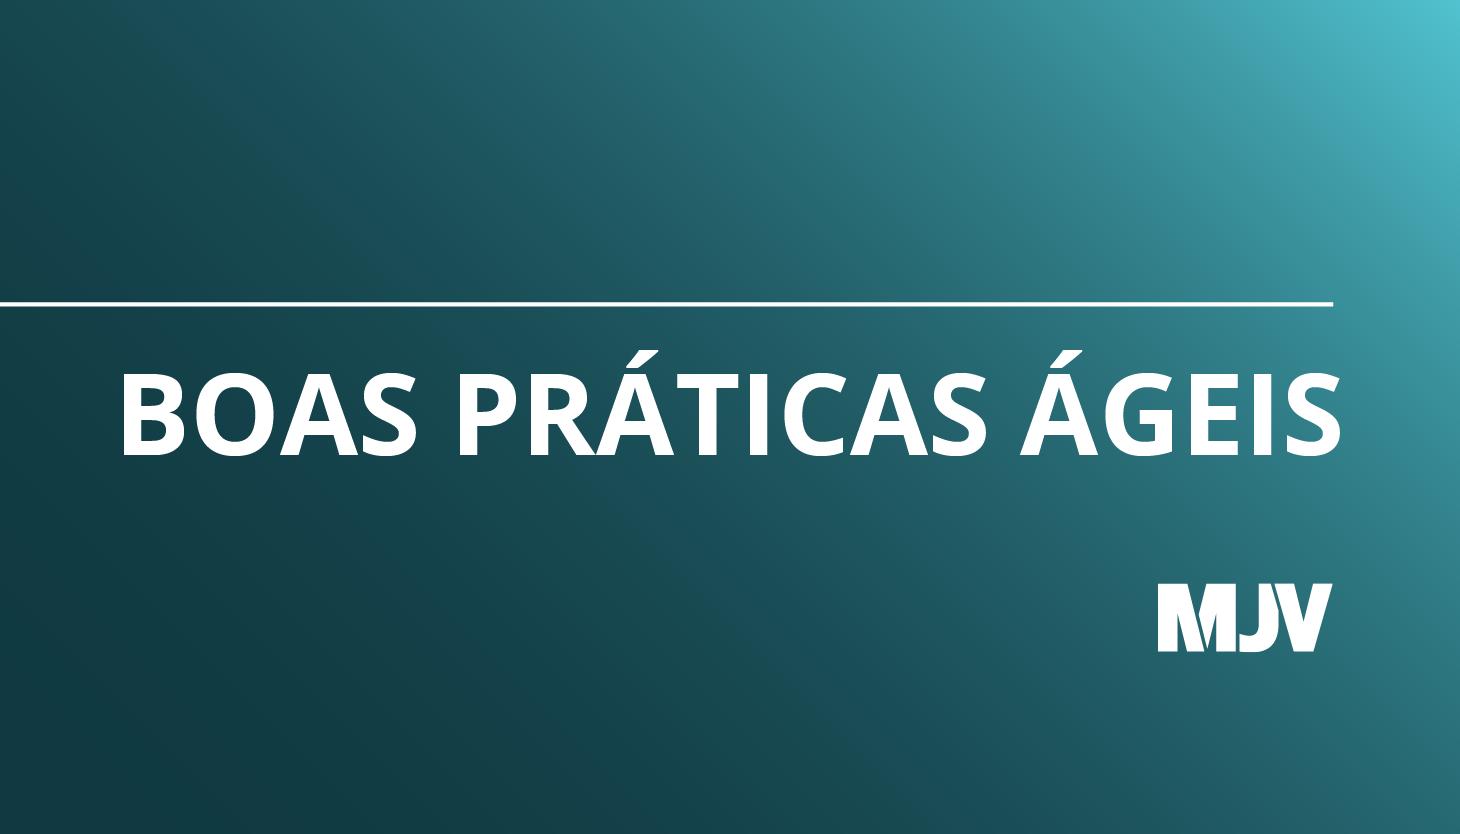 boas-praticas-ageis_CTAemail.png